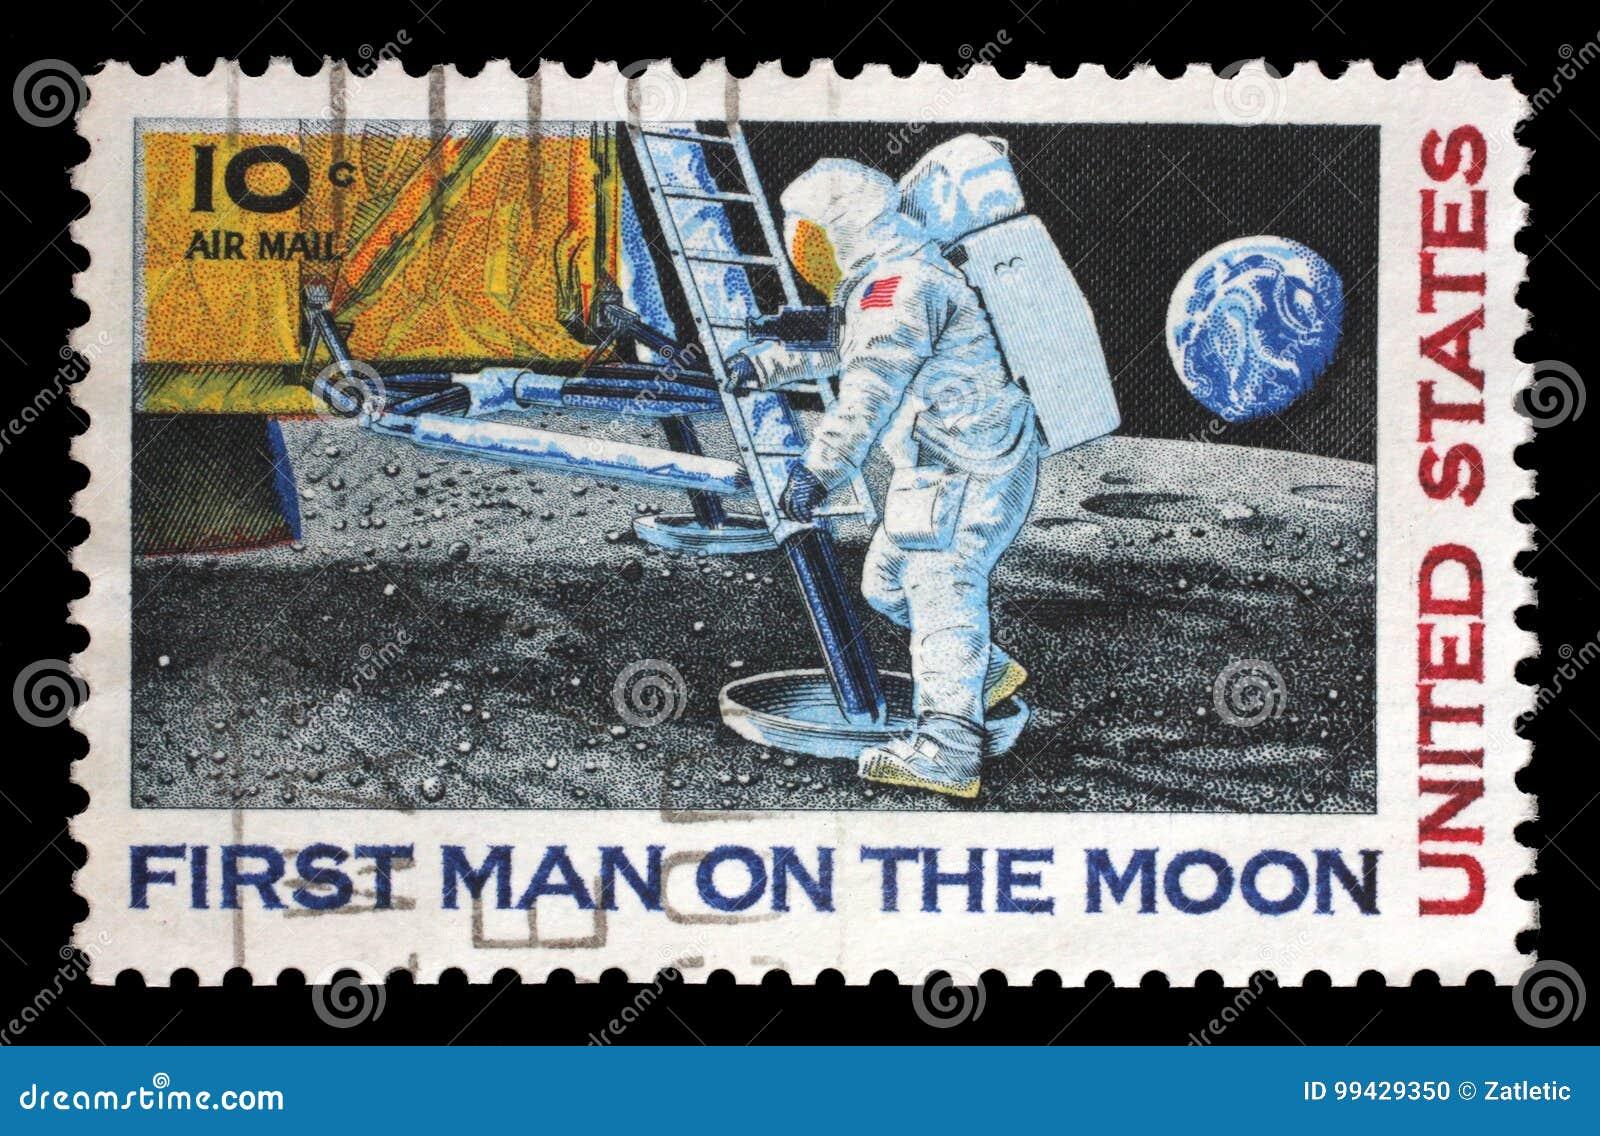 De zegel in de V.S. wordt gedrukt toont Astronaut Neil Armstrong op de Maan die